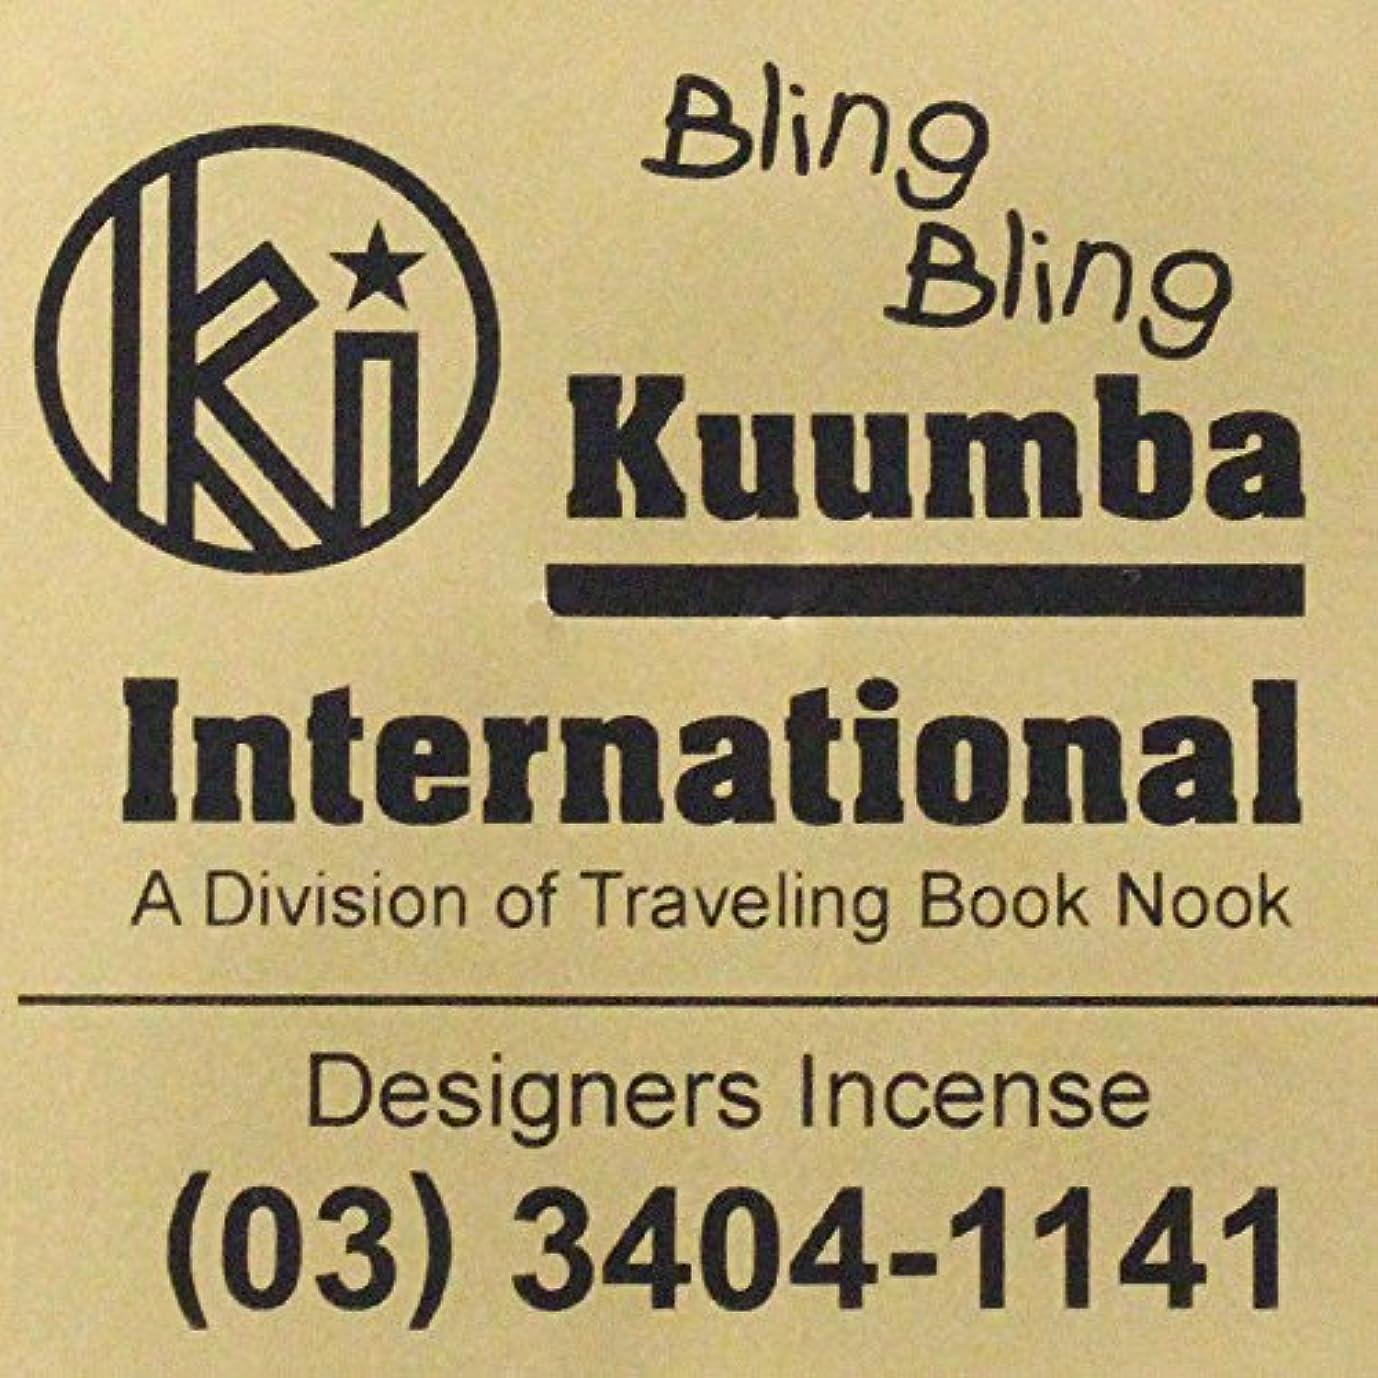 下ウィンクマントル(クンバ) KUUMBA『incense』(Bling Bling) (Regular size)